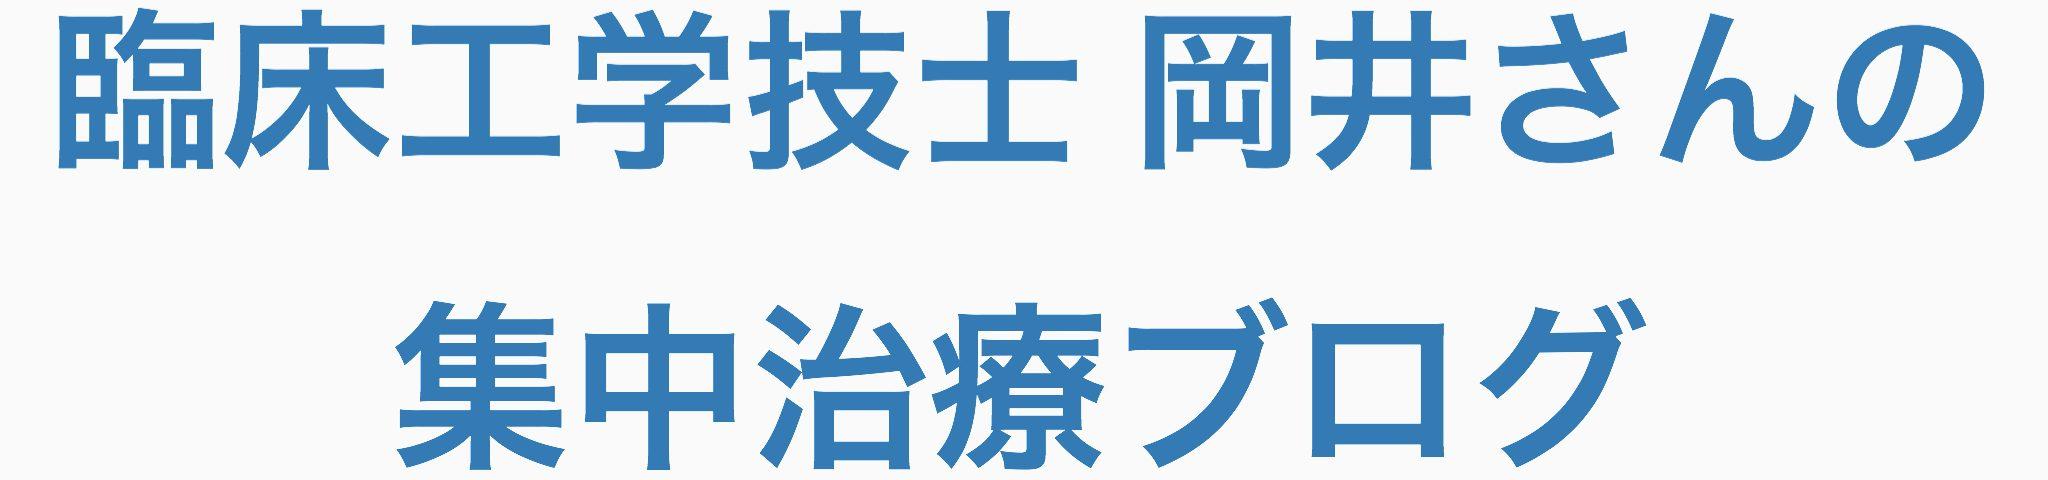 臨床工学技士 岡井さんの集中治療ブログ